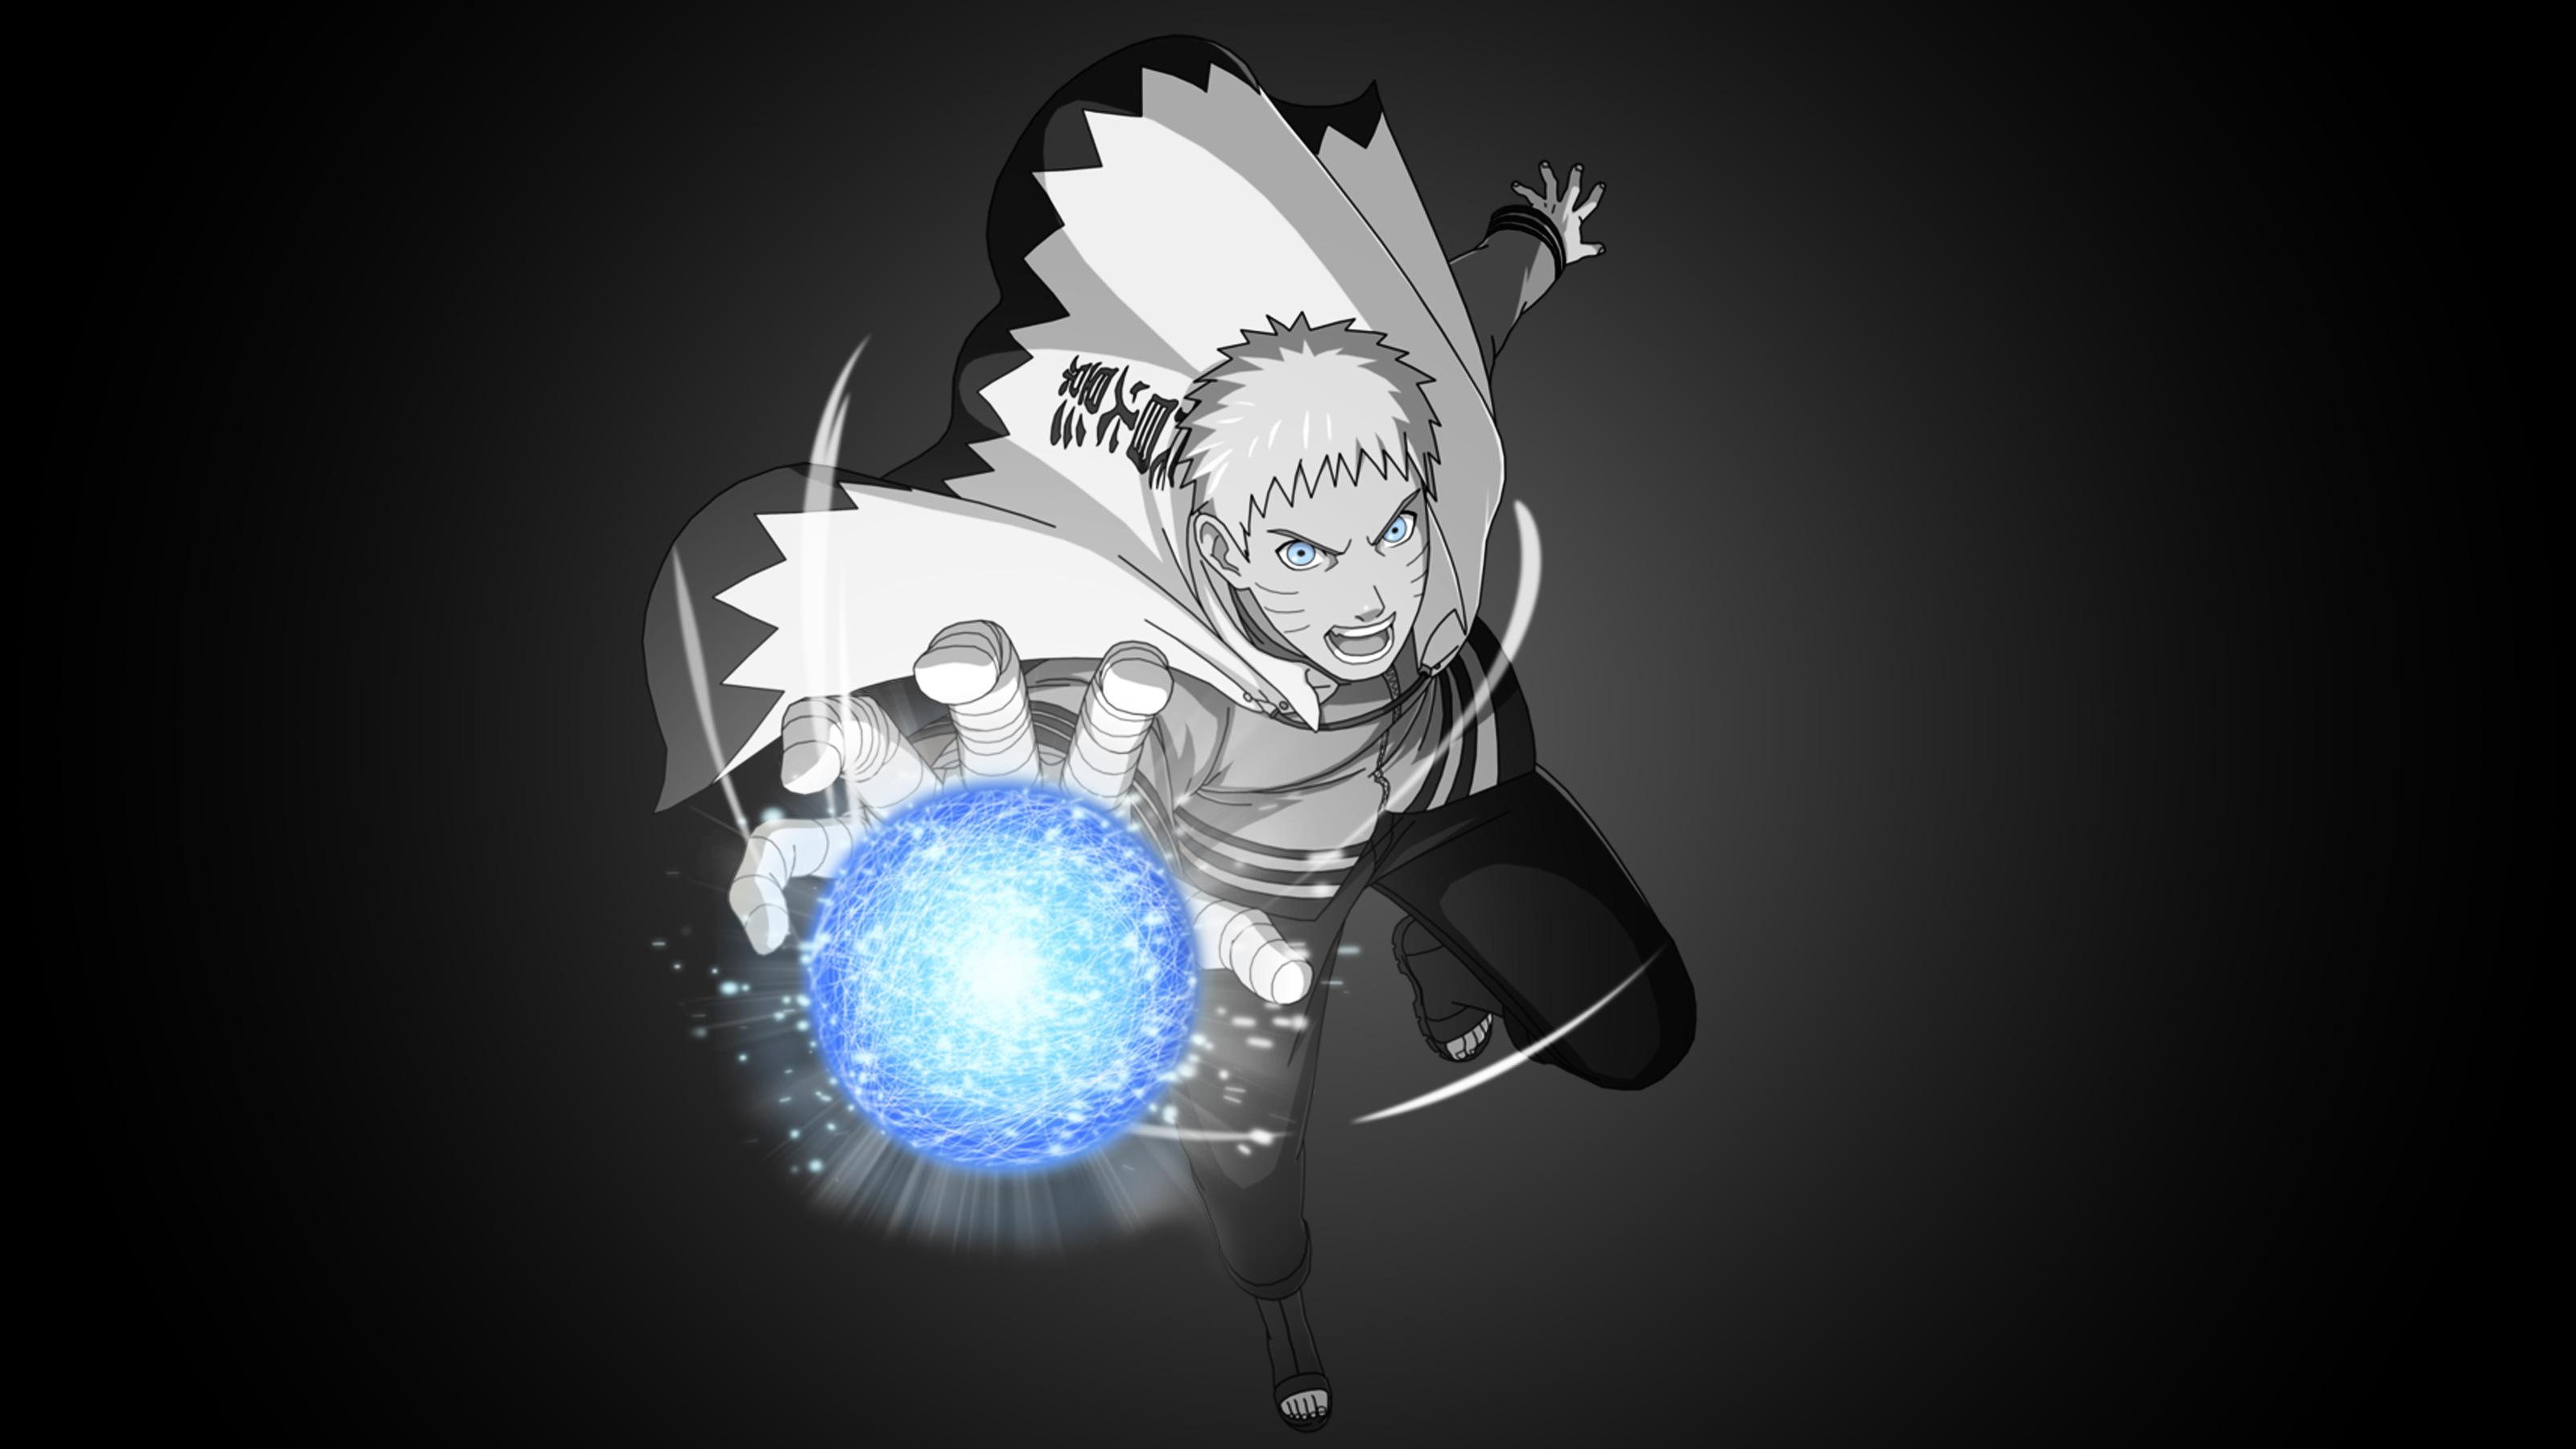 Naruto Rasengan Hd Anime 4k Wallpapers Images